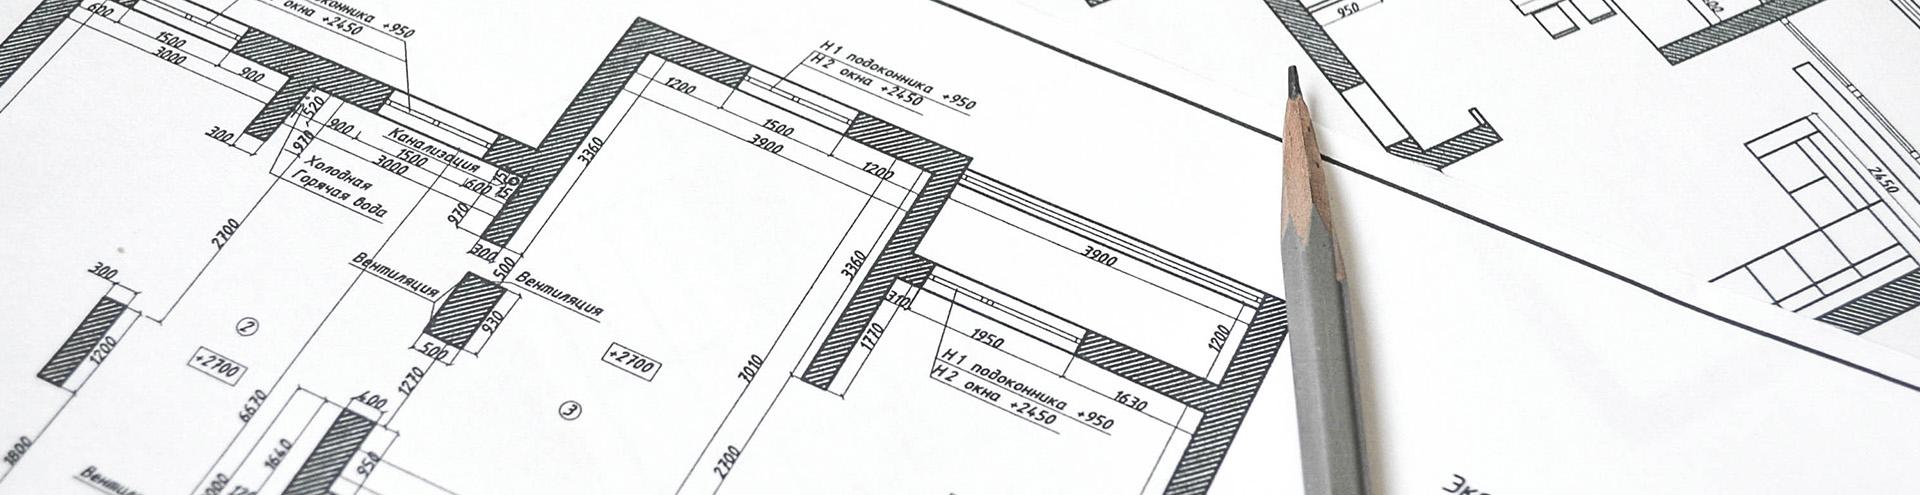 согласование перепланировки нежилого помещения в Самаре